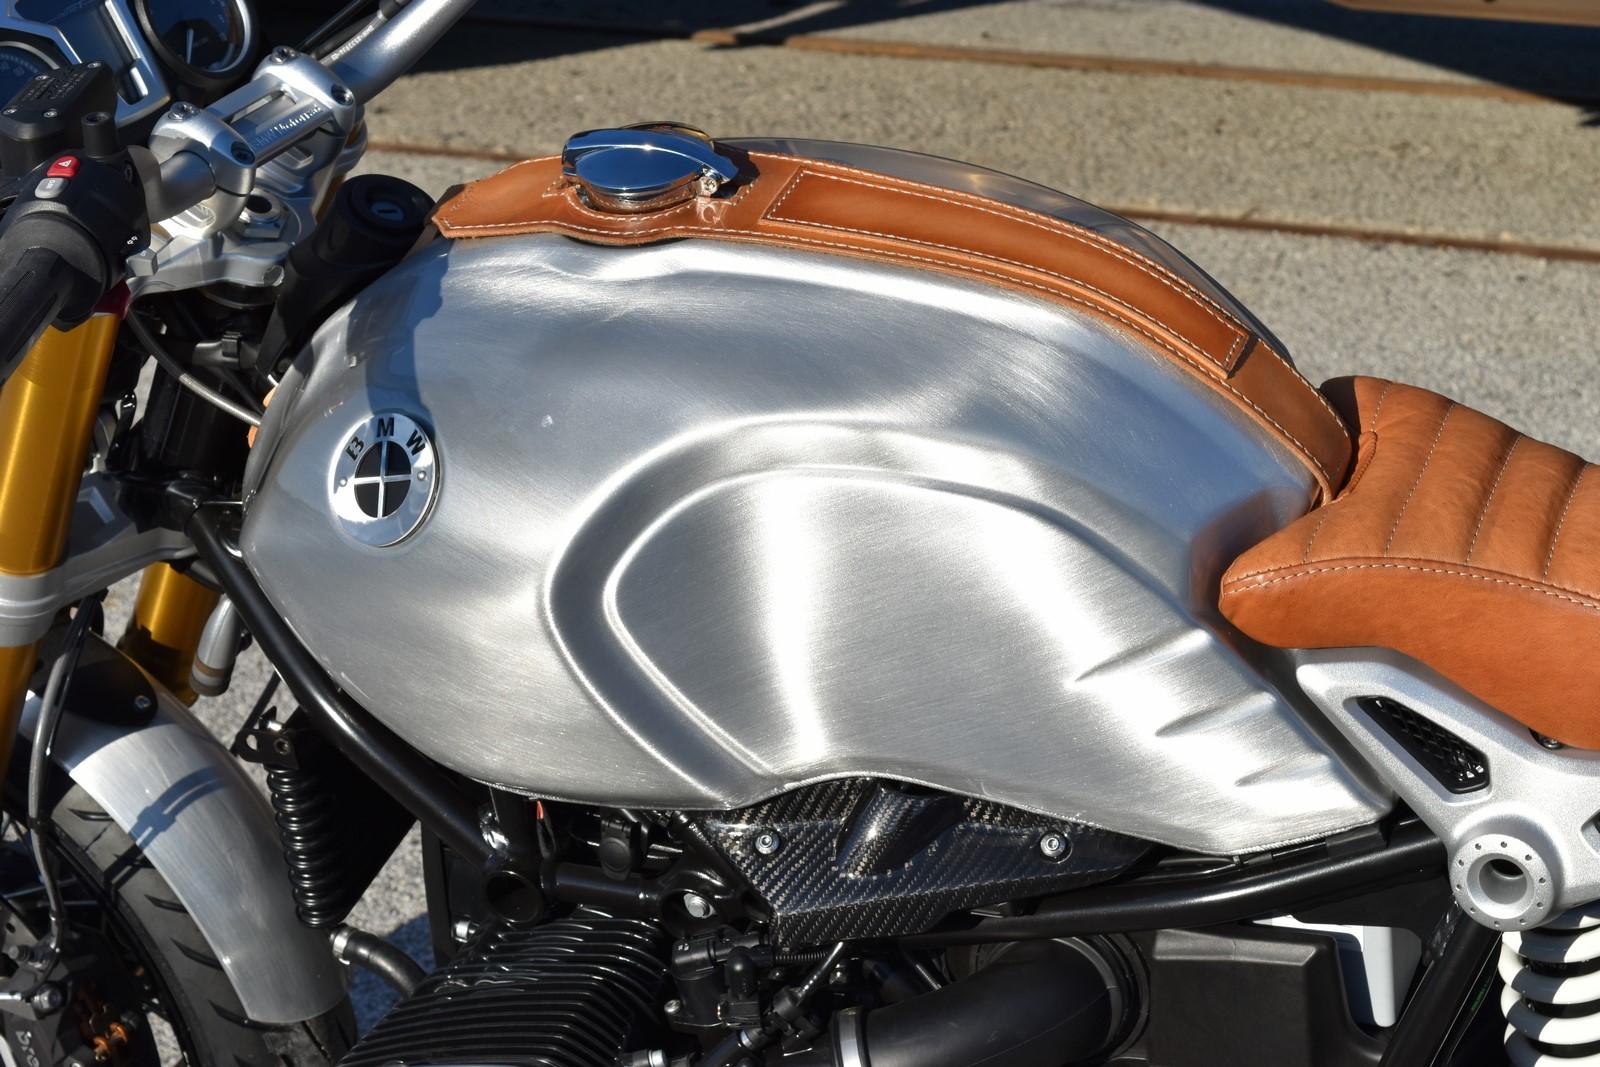 Serbatoio Cafe Racer Ducati Monster Idea Di Immagine Del Motociclo